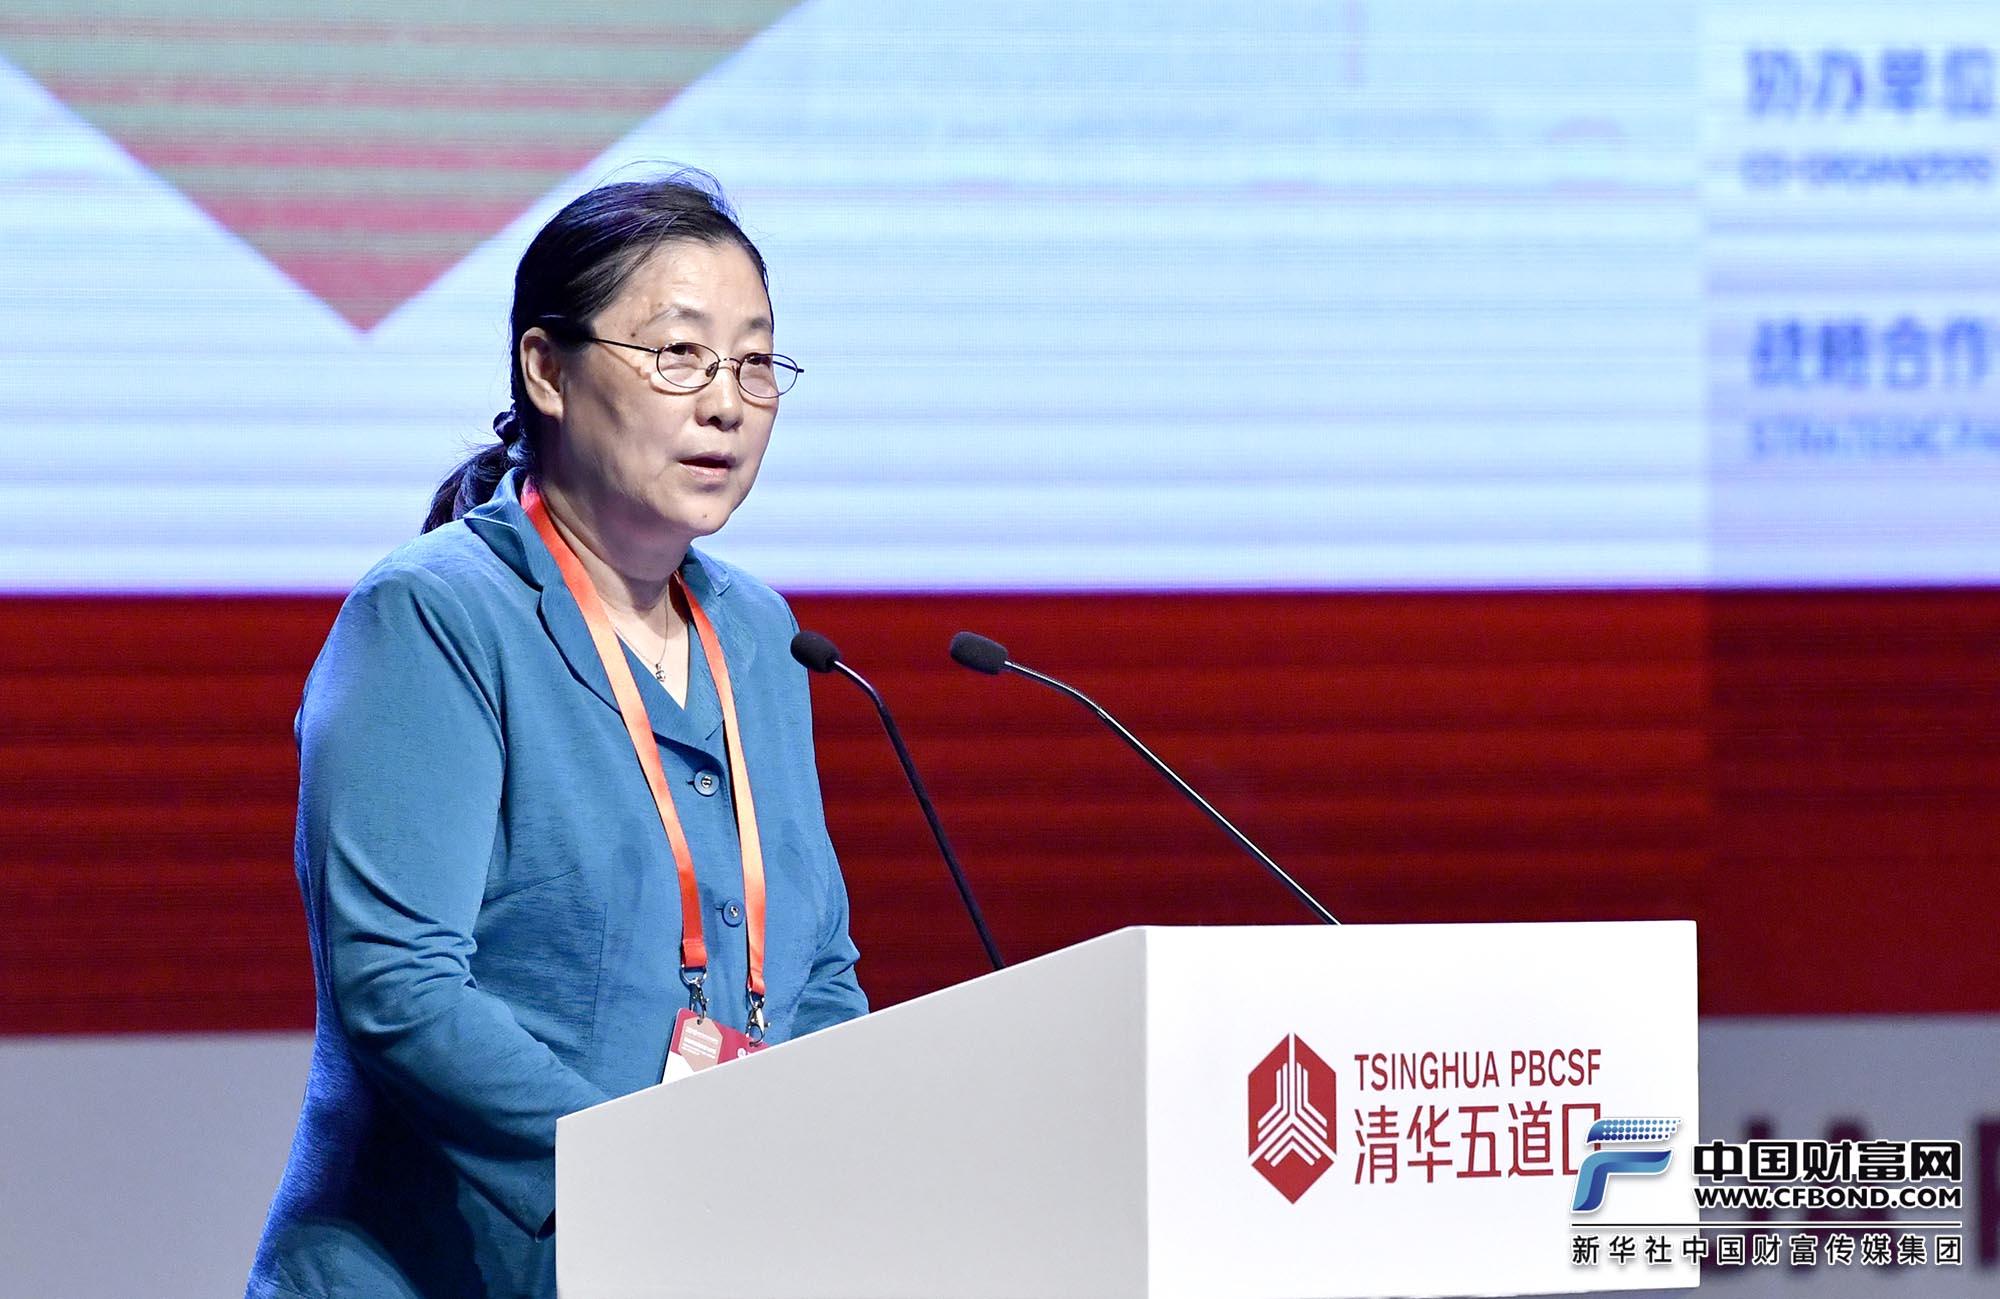 张晓慧:经济金融高质量发展要向供给侧改革要动力